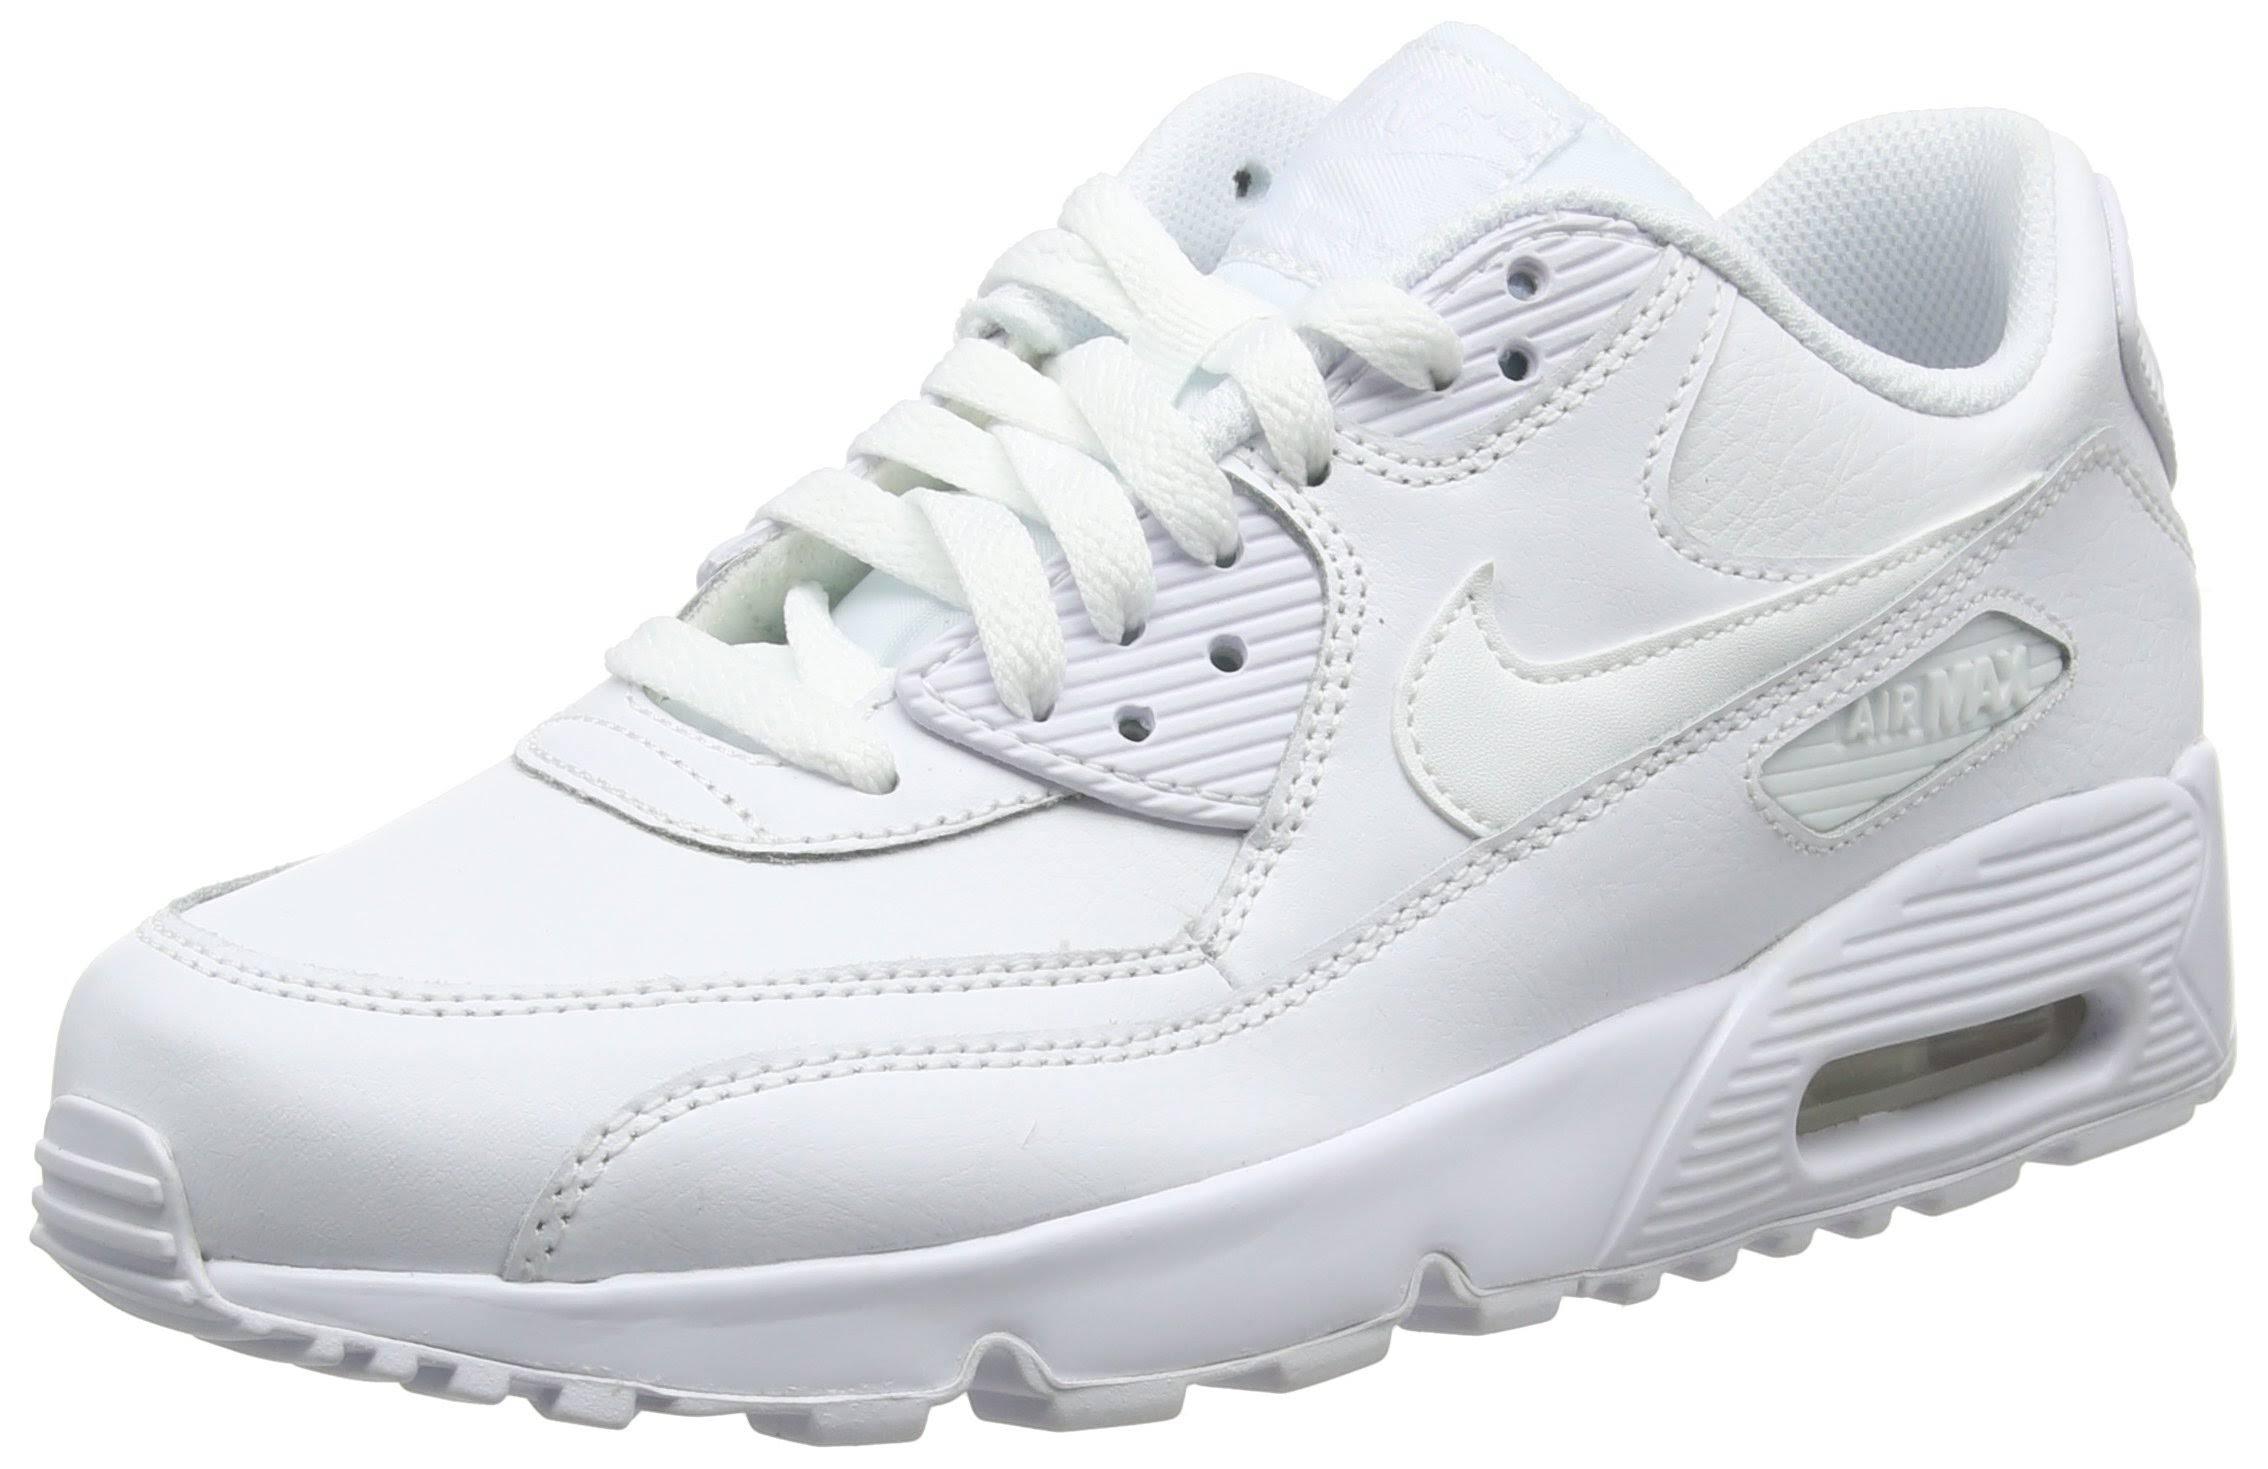 white gs Sneaker 100 Kollektion 90 Air Nike Weiß Aktuelle Max Leather 2016 pa1fqU